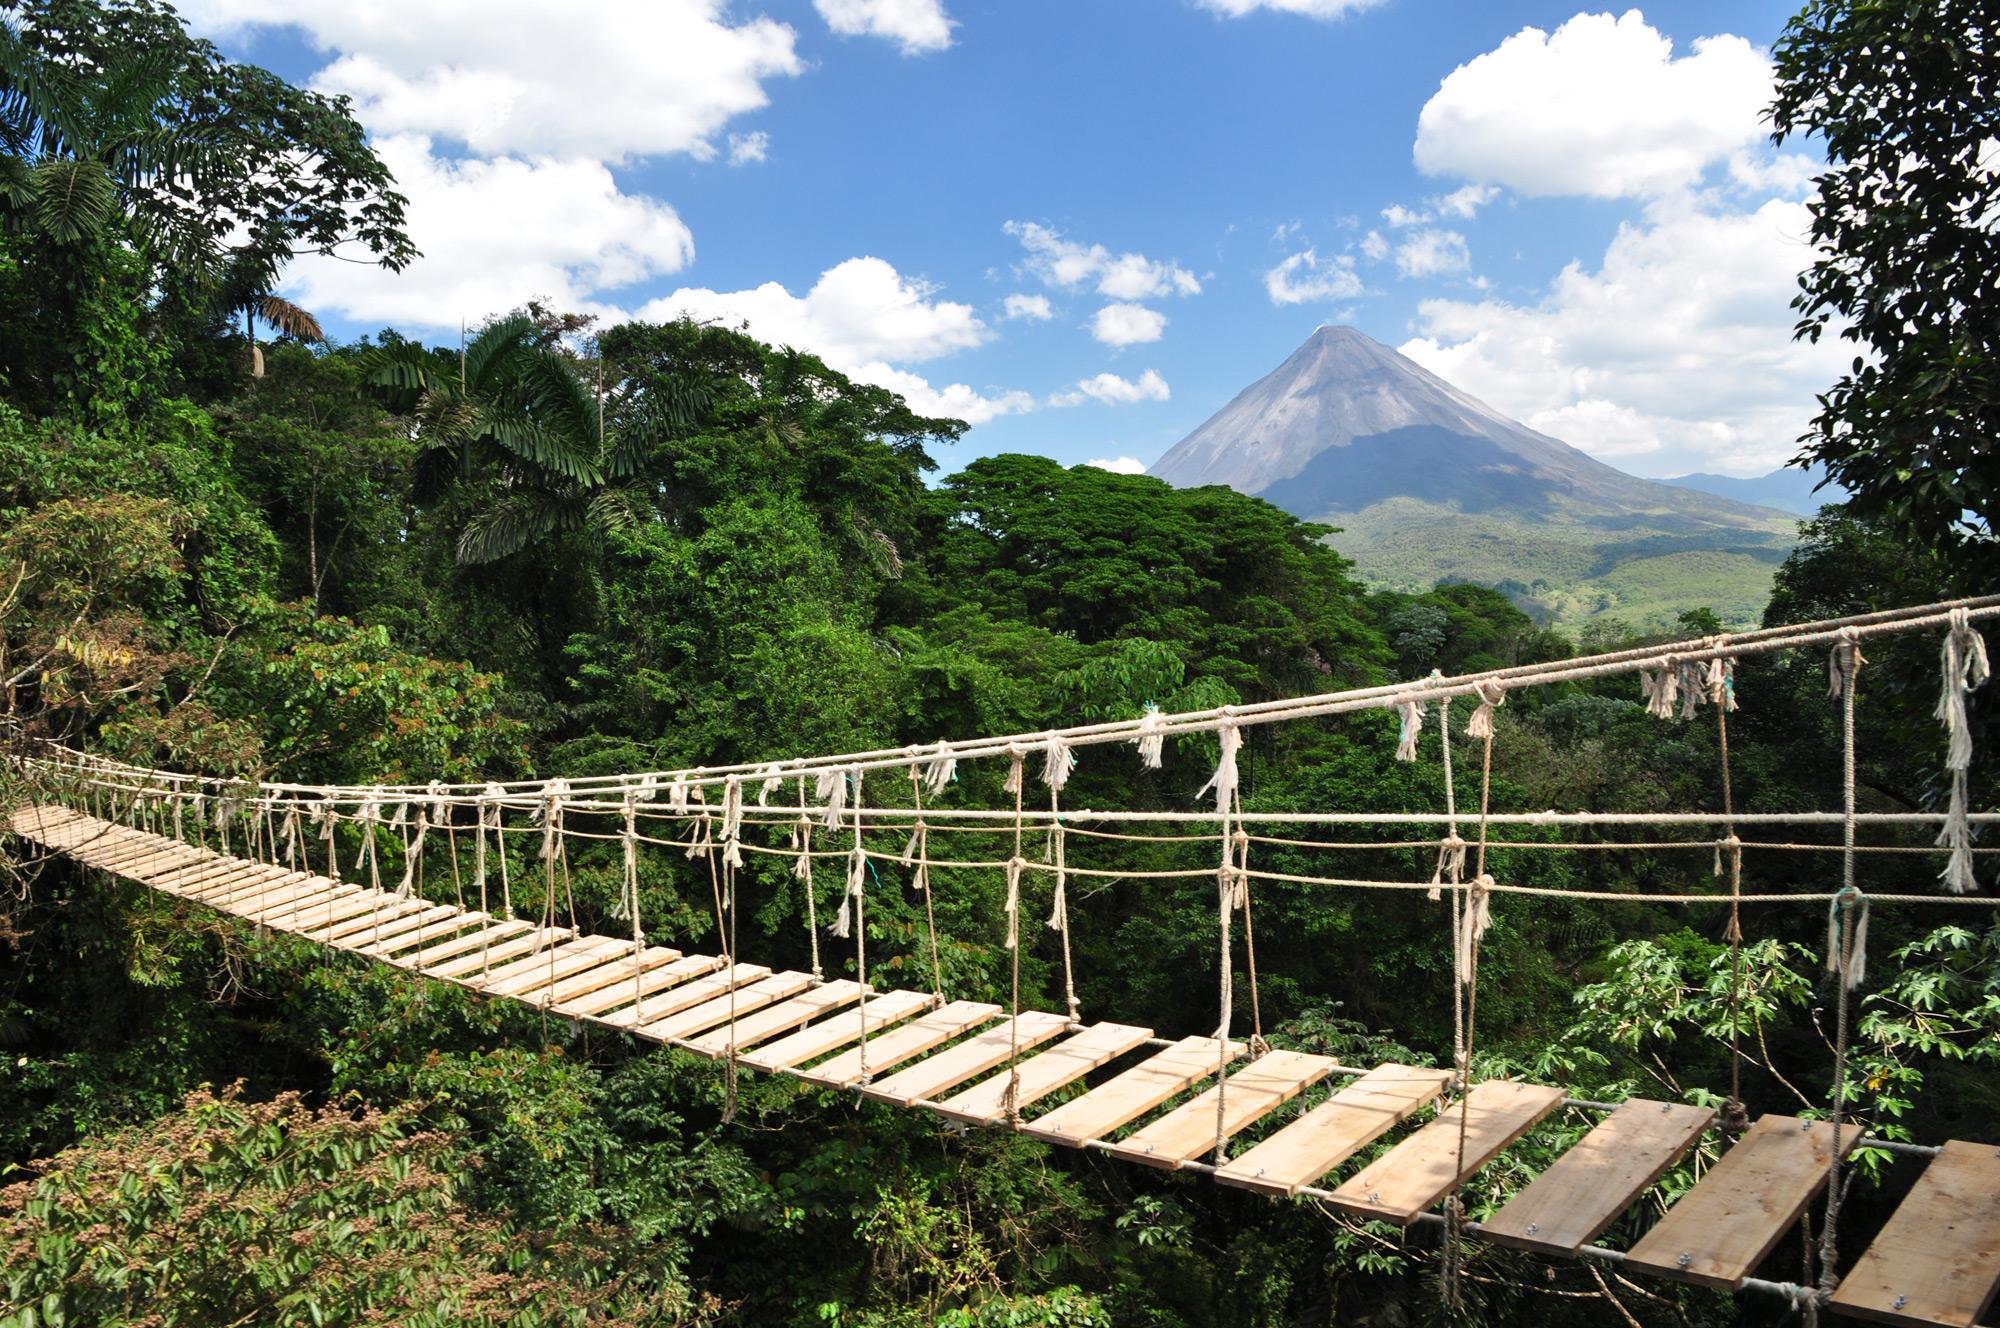 Costa Rica piensa en la energía renovable y a la preservación del ambiente